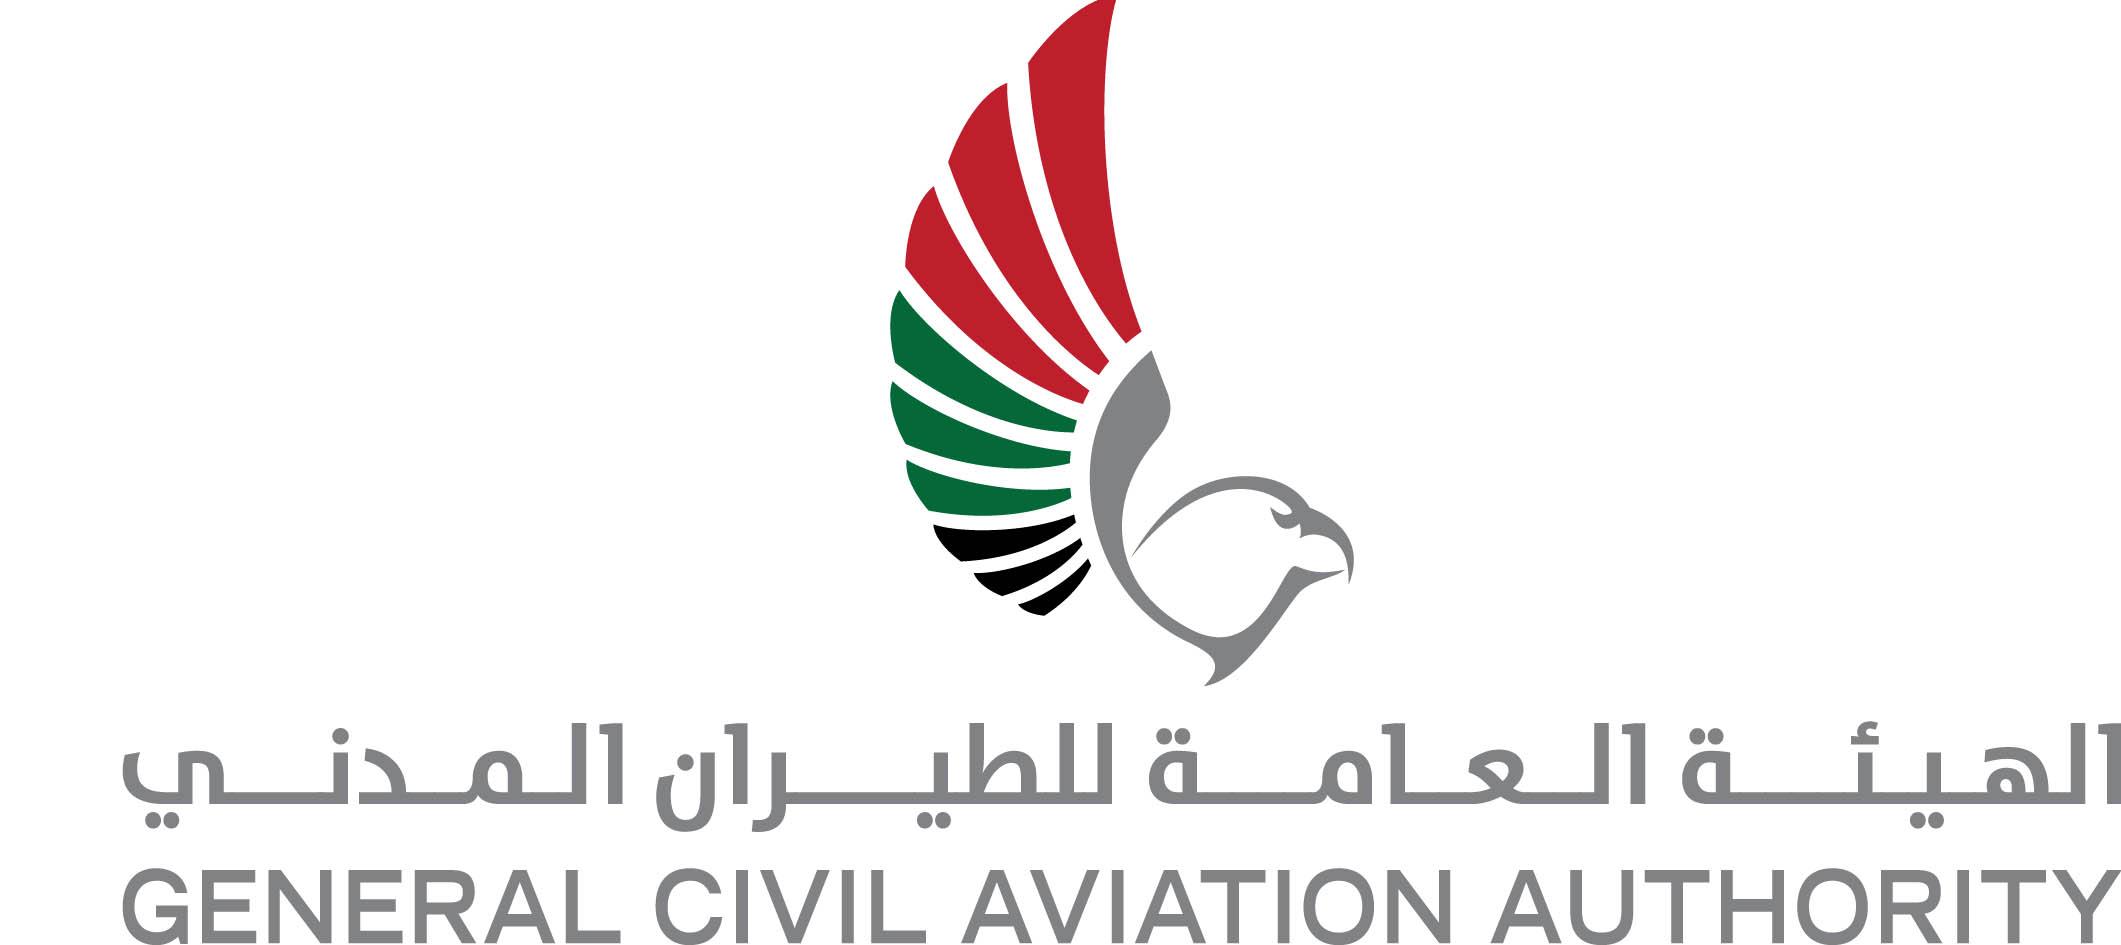 ELISA aeronautics middle east